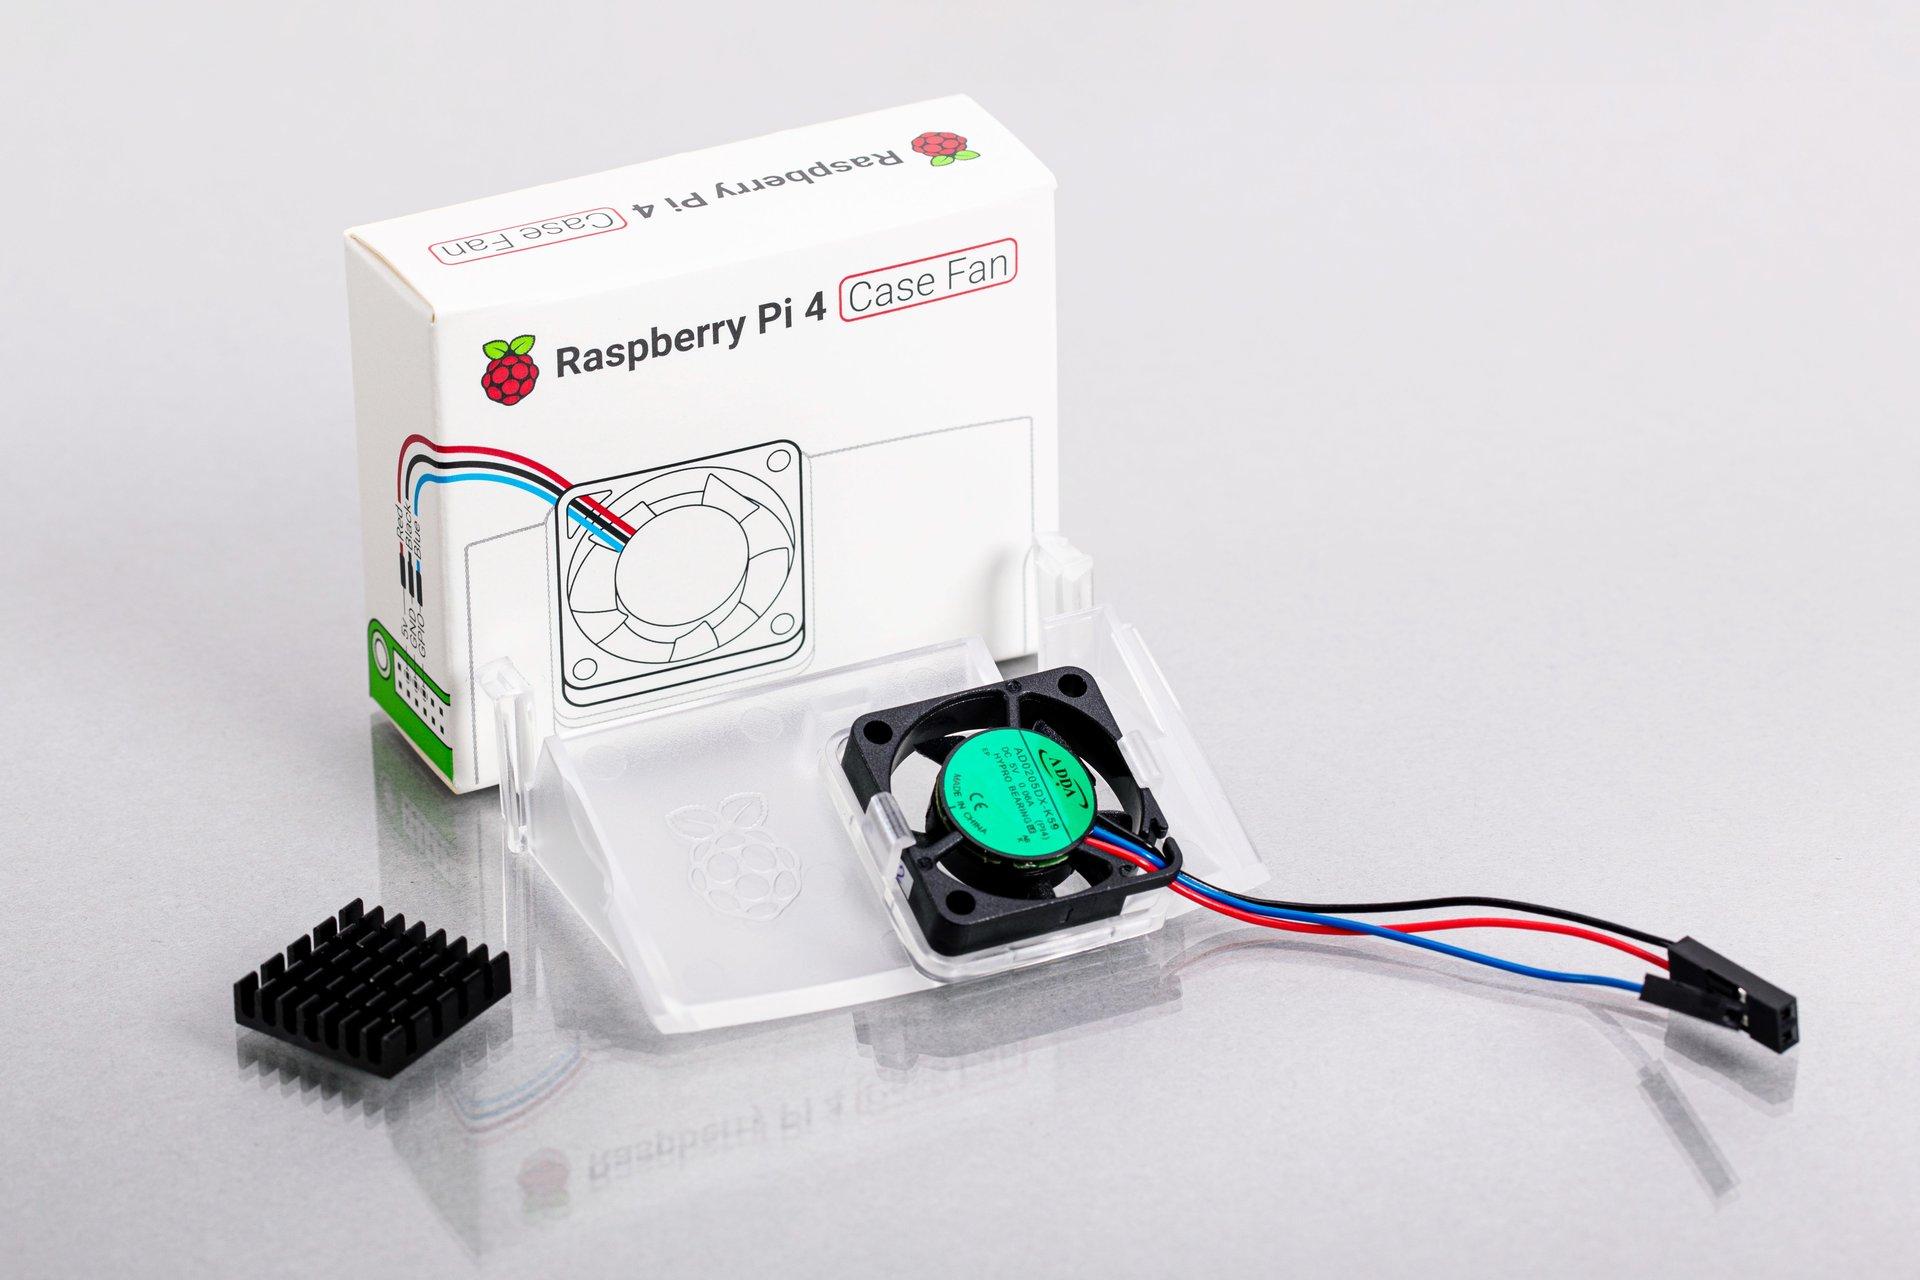 Raspberry Pi 4 Model B/8GB 樹莓派套件組-原廠殼搭散熱組全配(含Pi 4/8GB + 32G SD卡 +原廠電源 +原廠紅白外殼 +專用散熱模組+原廠HDMI線)-preview-4